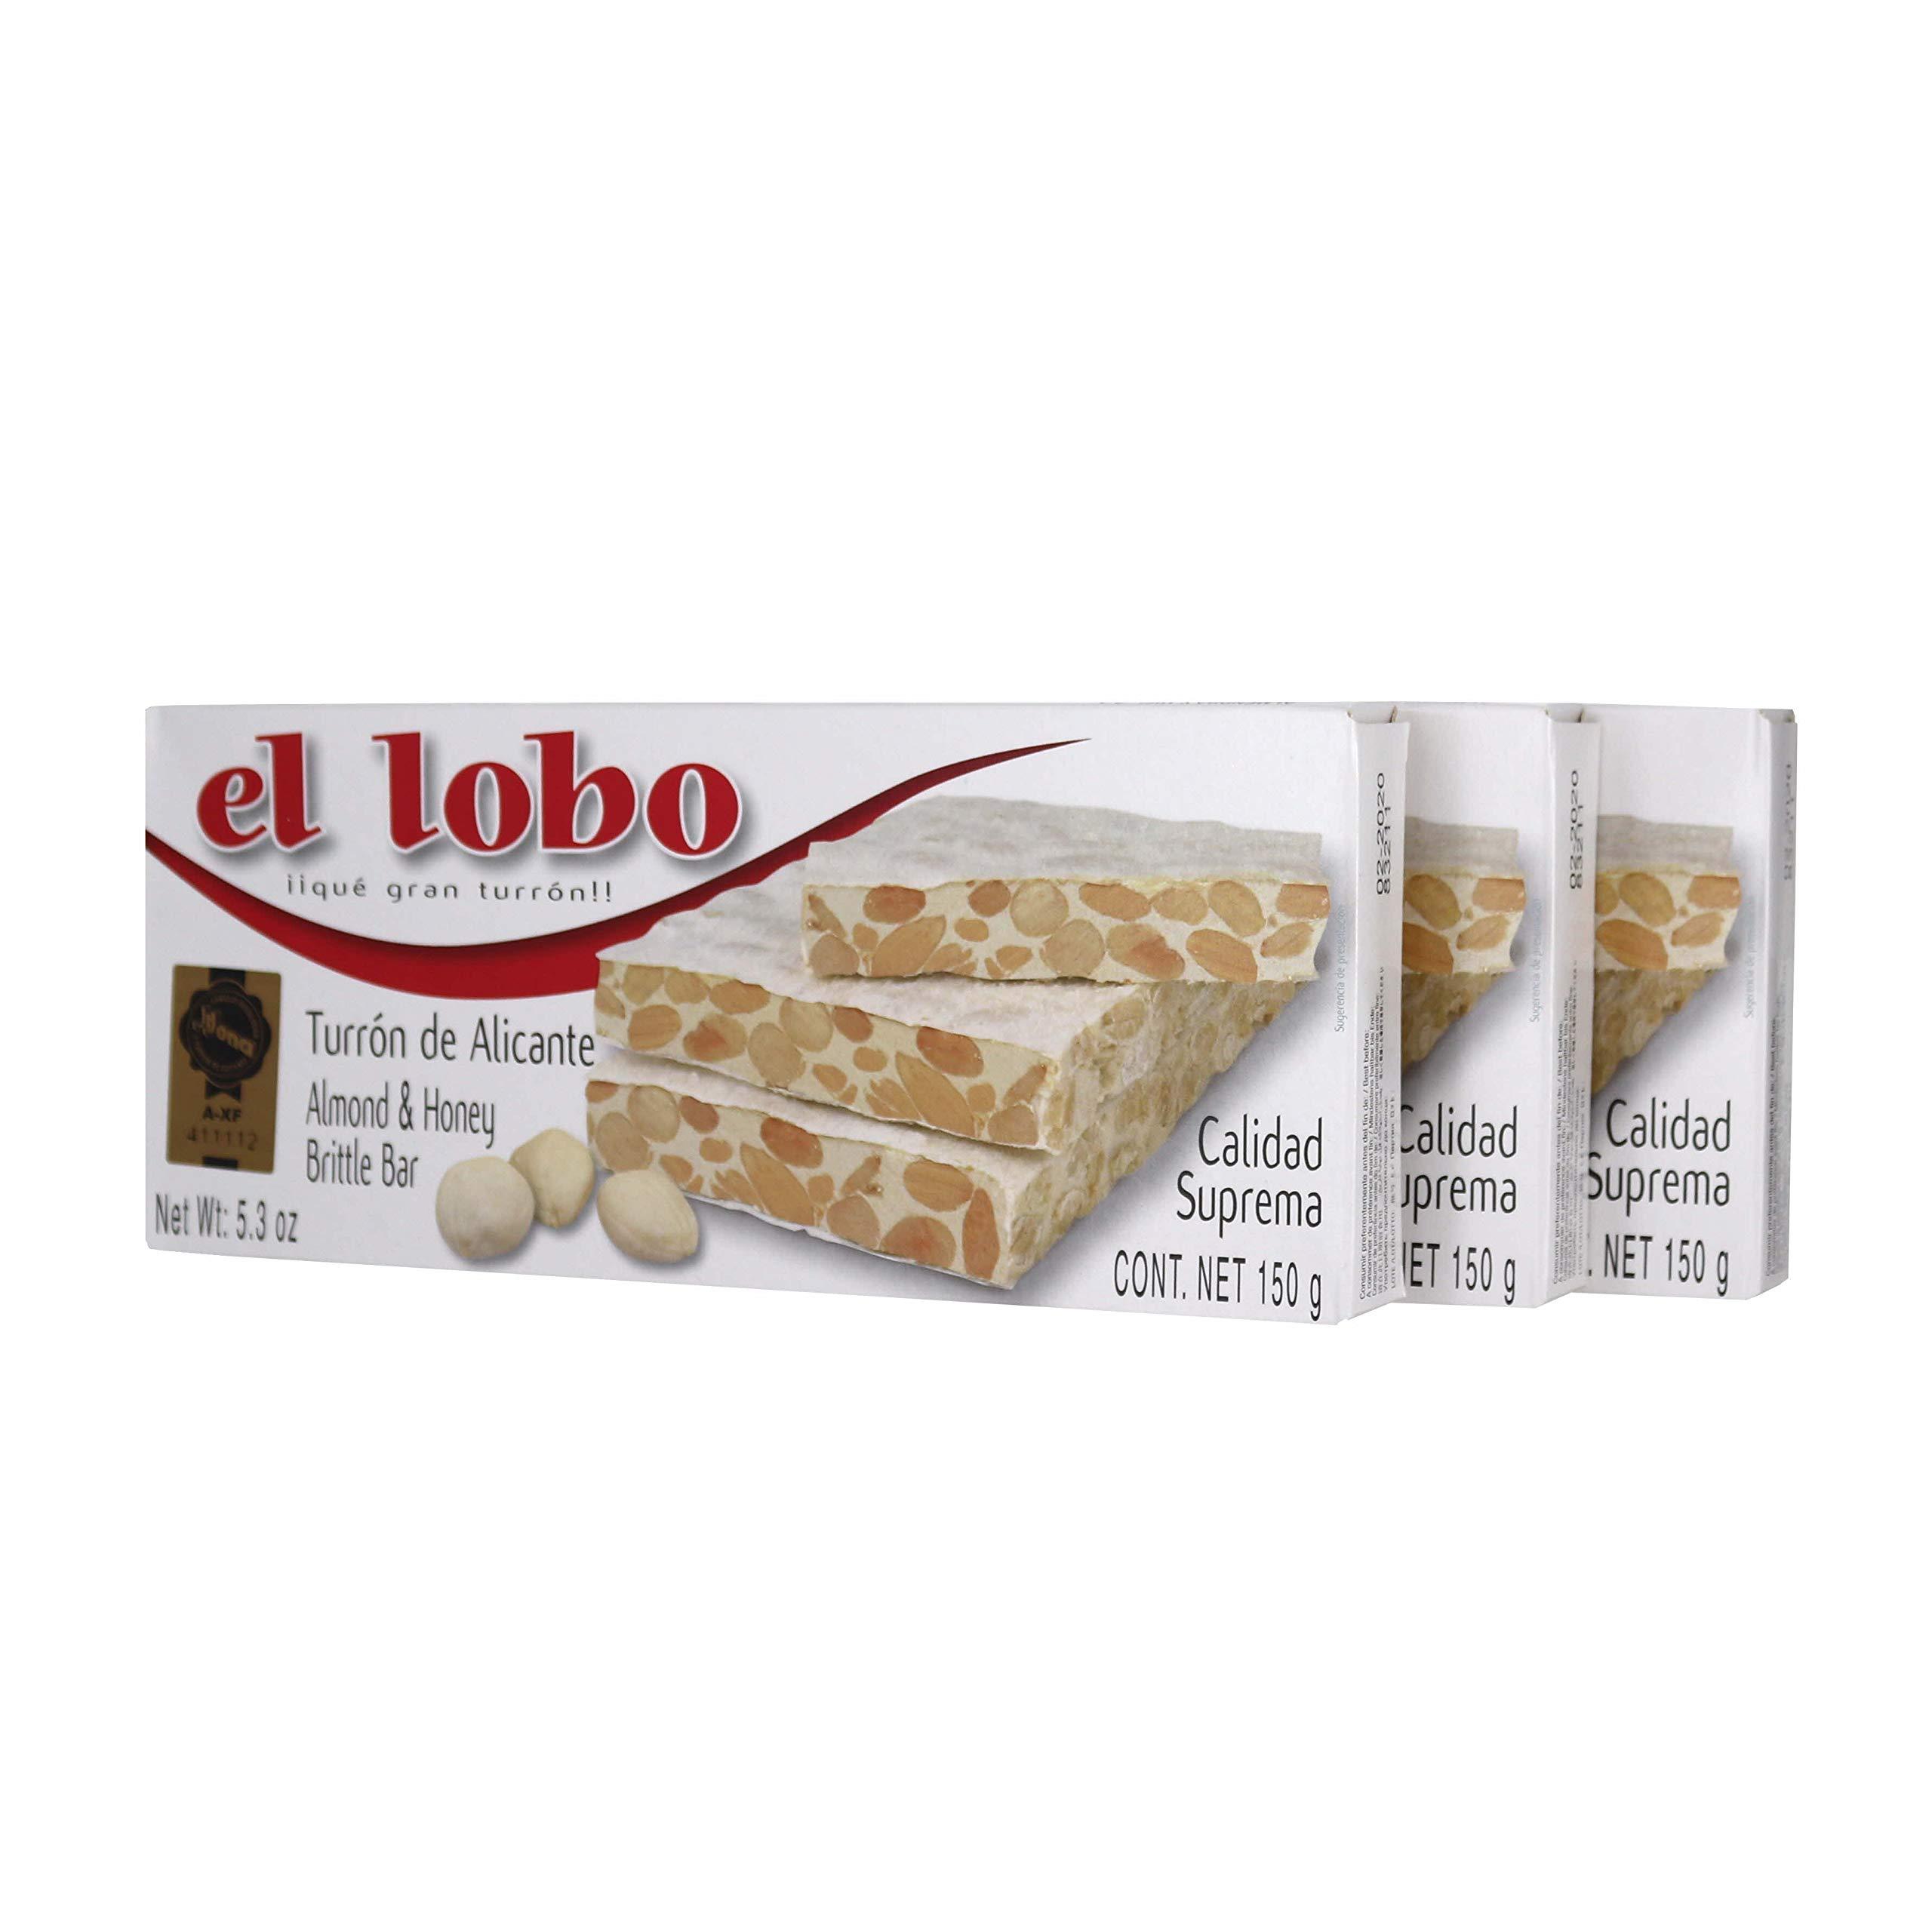 El Lobo Turron Alicante Crunchy Nougat - (3 Pack) W/ Quick Storage Pouch by El Lobo